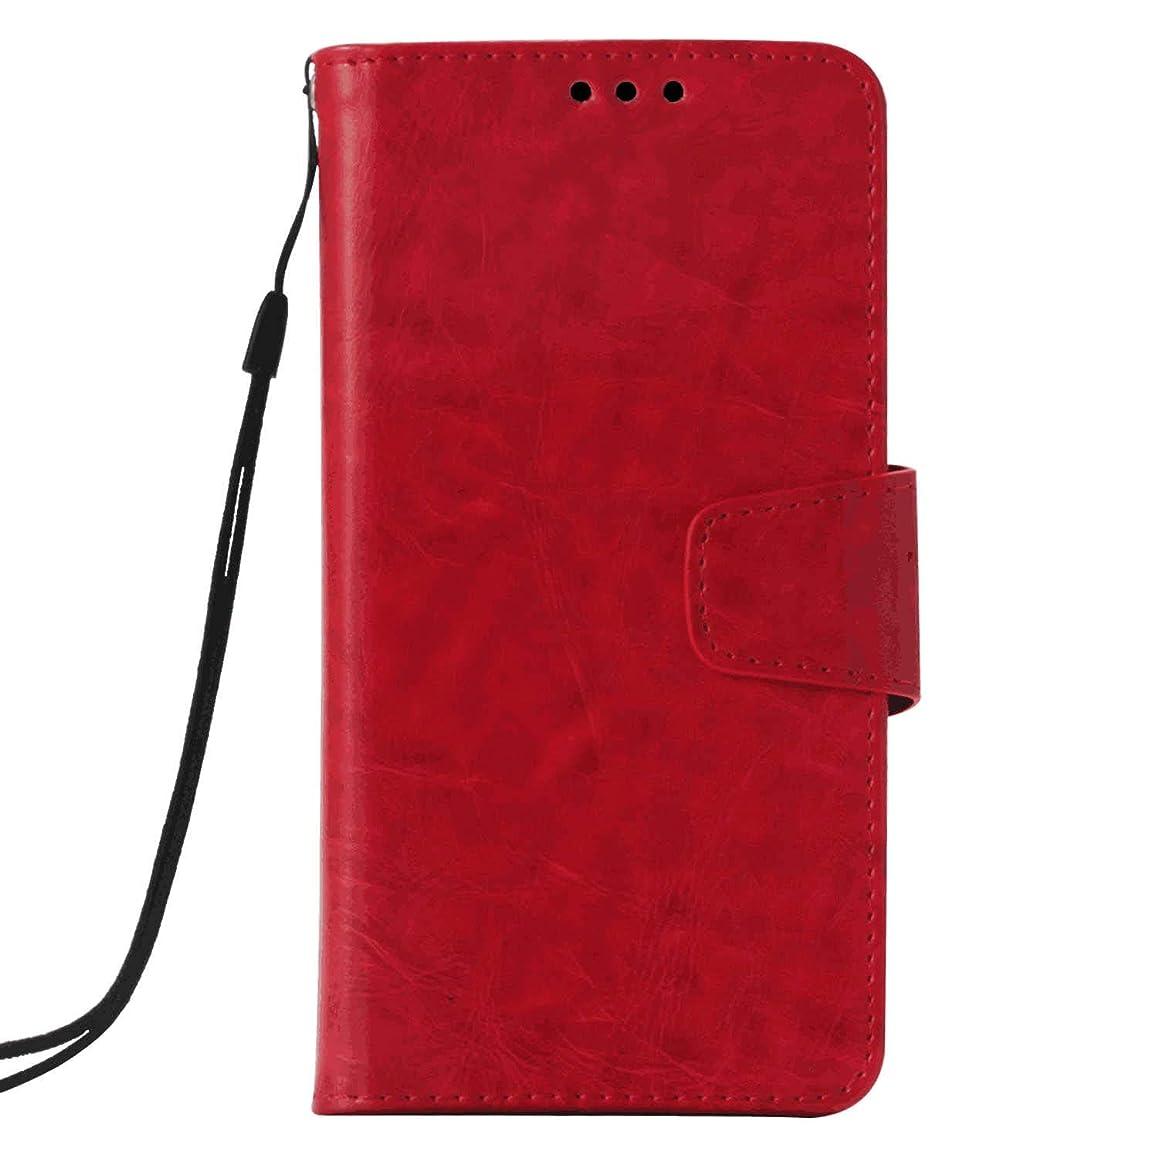 こどもの日バッフル薬剤師Huawei P20 PUレザー ケース, 手帳型 ケース 本革 カバー収納 財布 防指紋 ビジネス スマホケース 手帳型ケース Huawei P20 レザーケース